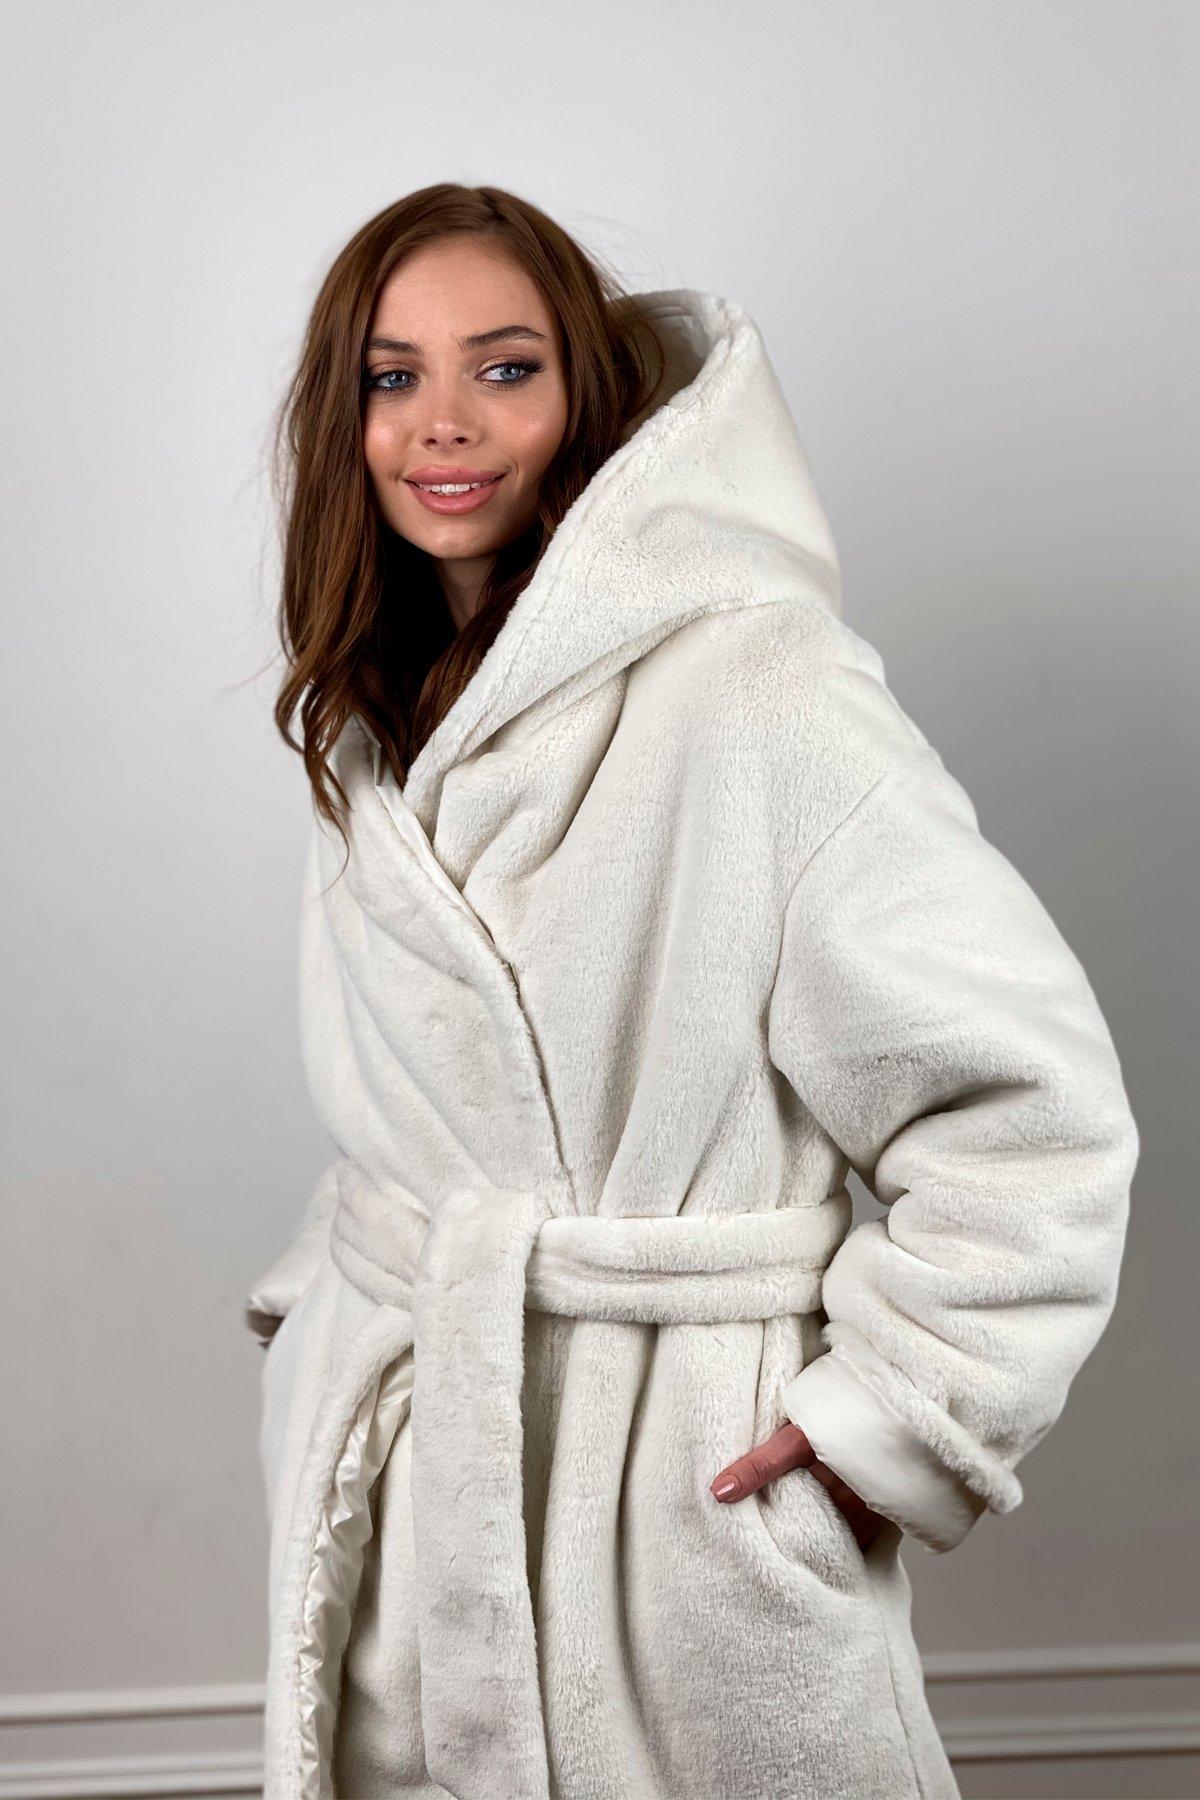 Сноу  теплое двухстороннее пальто из  еко меха и плотной  плащевки 10344 АРТ. 46645 Цвет: Молоко - фото 7, интернет магазин tm-modus.ru